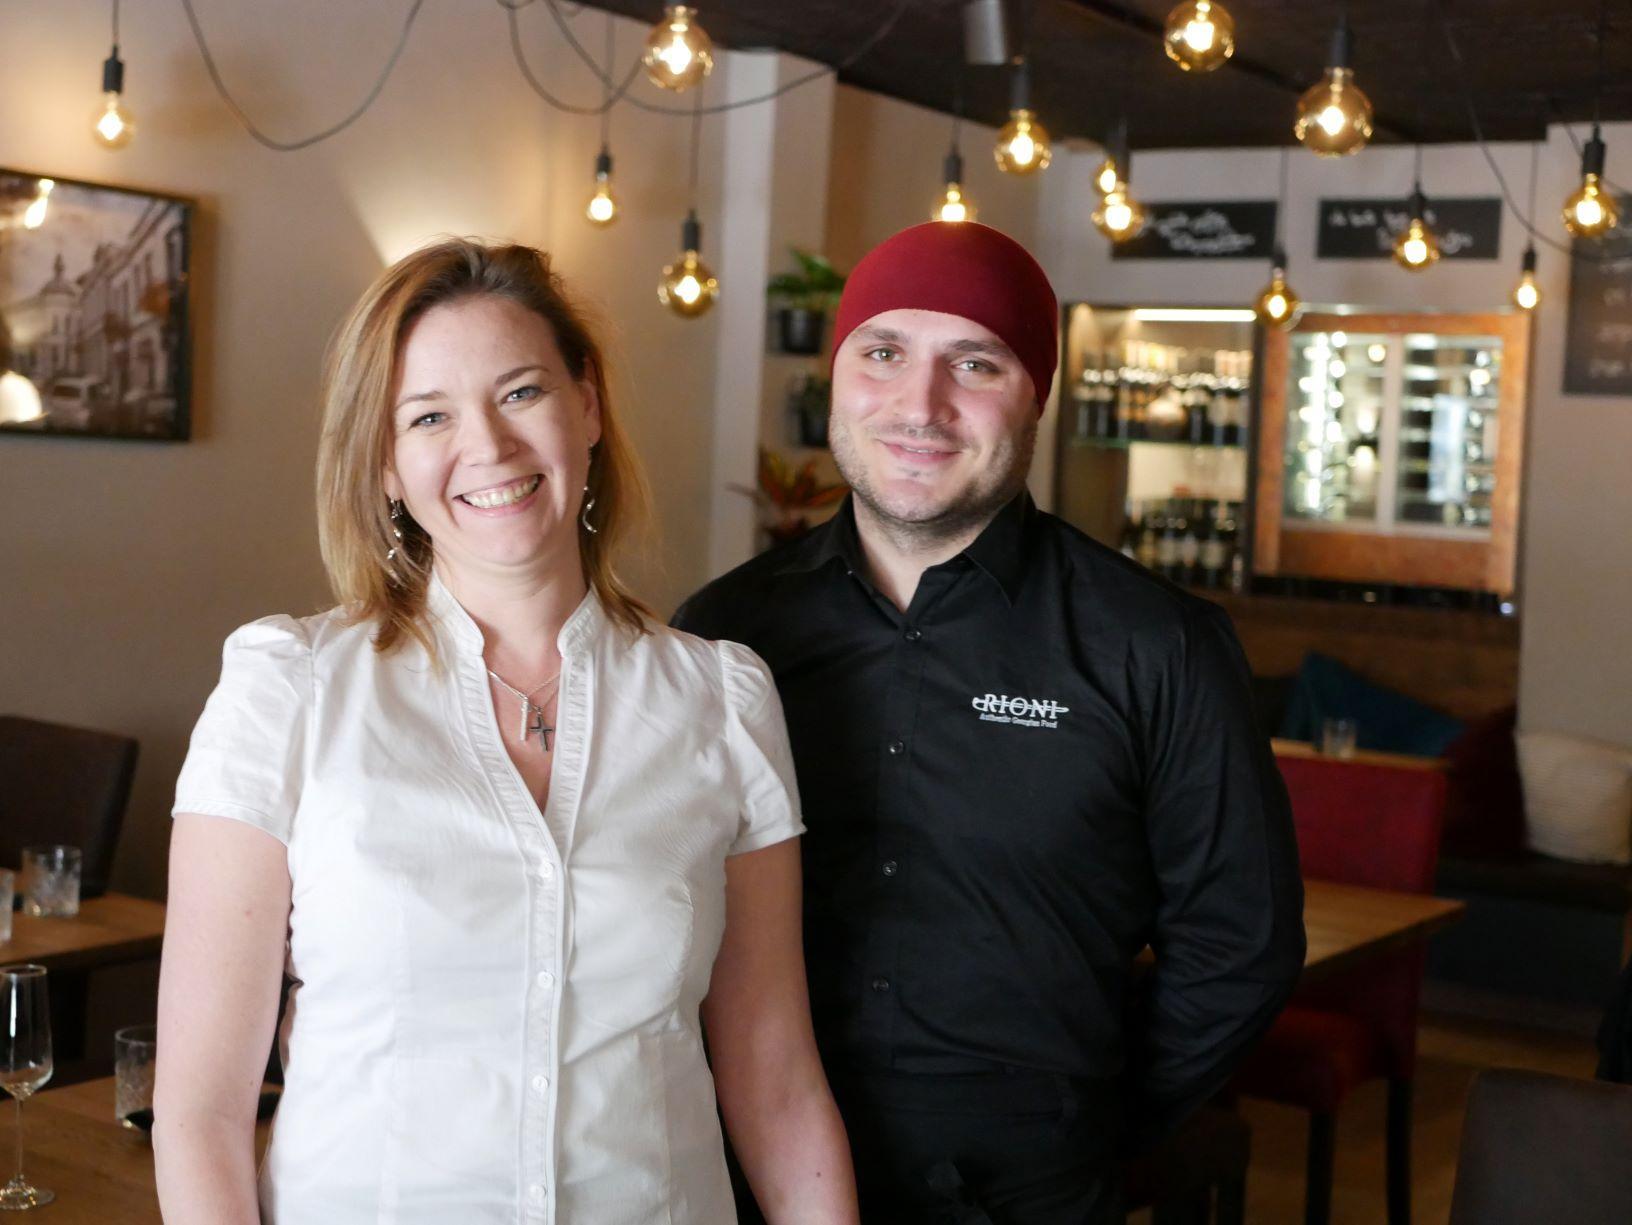 Två personer i en restaurang